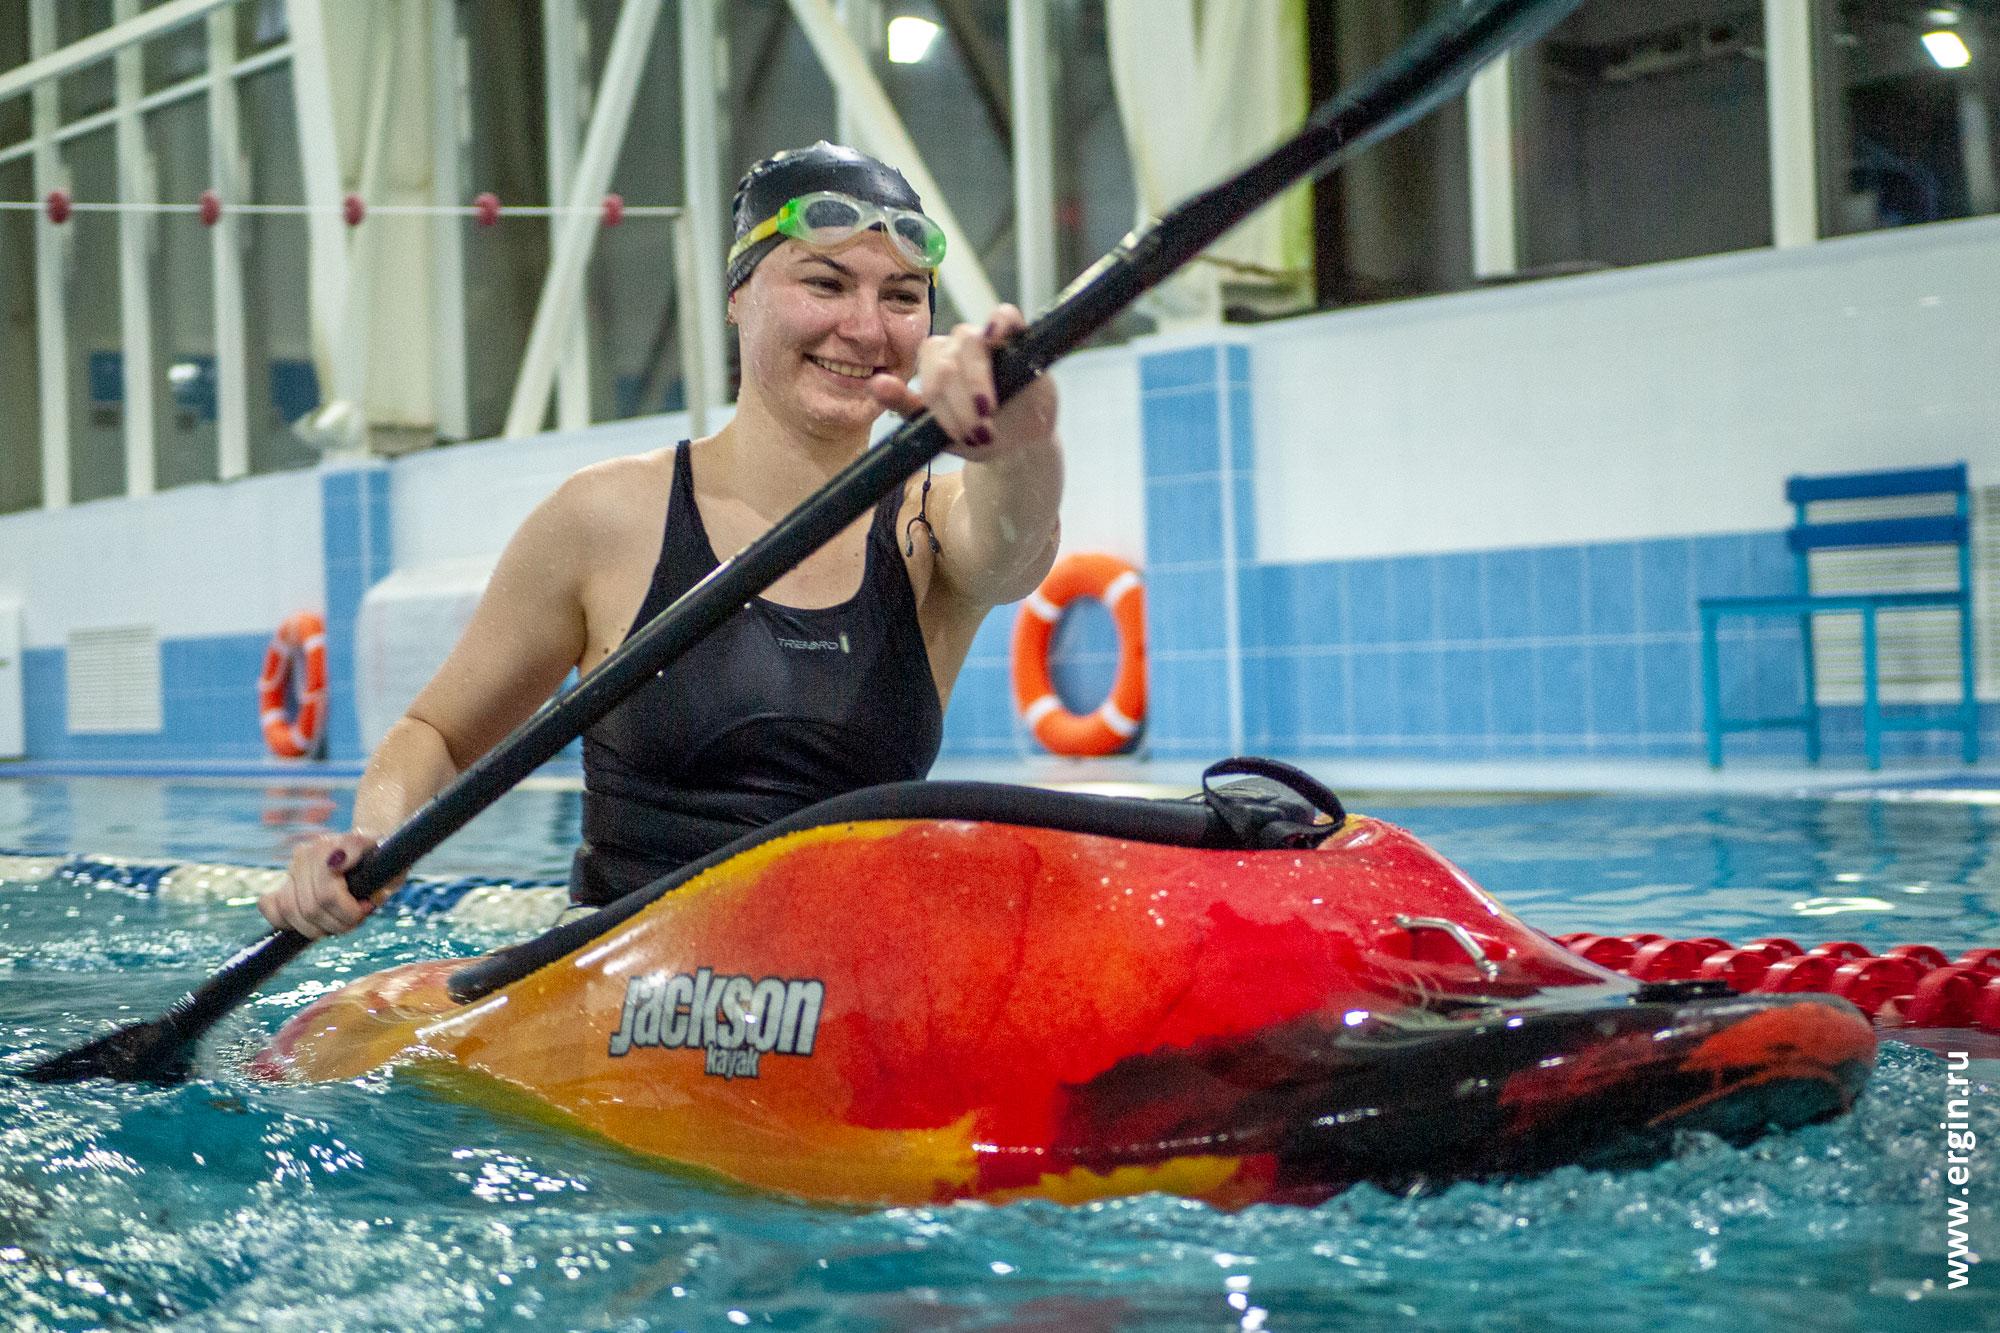 Позитивная девушка-каякер на каяке в бассейне